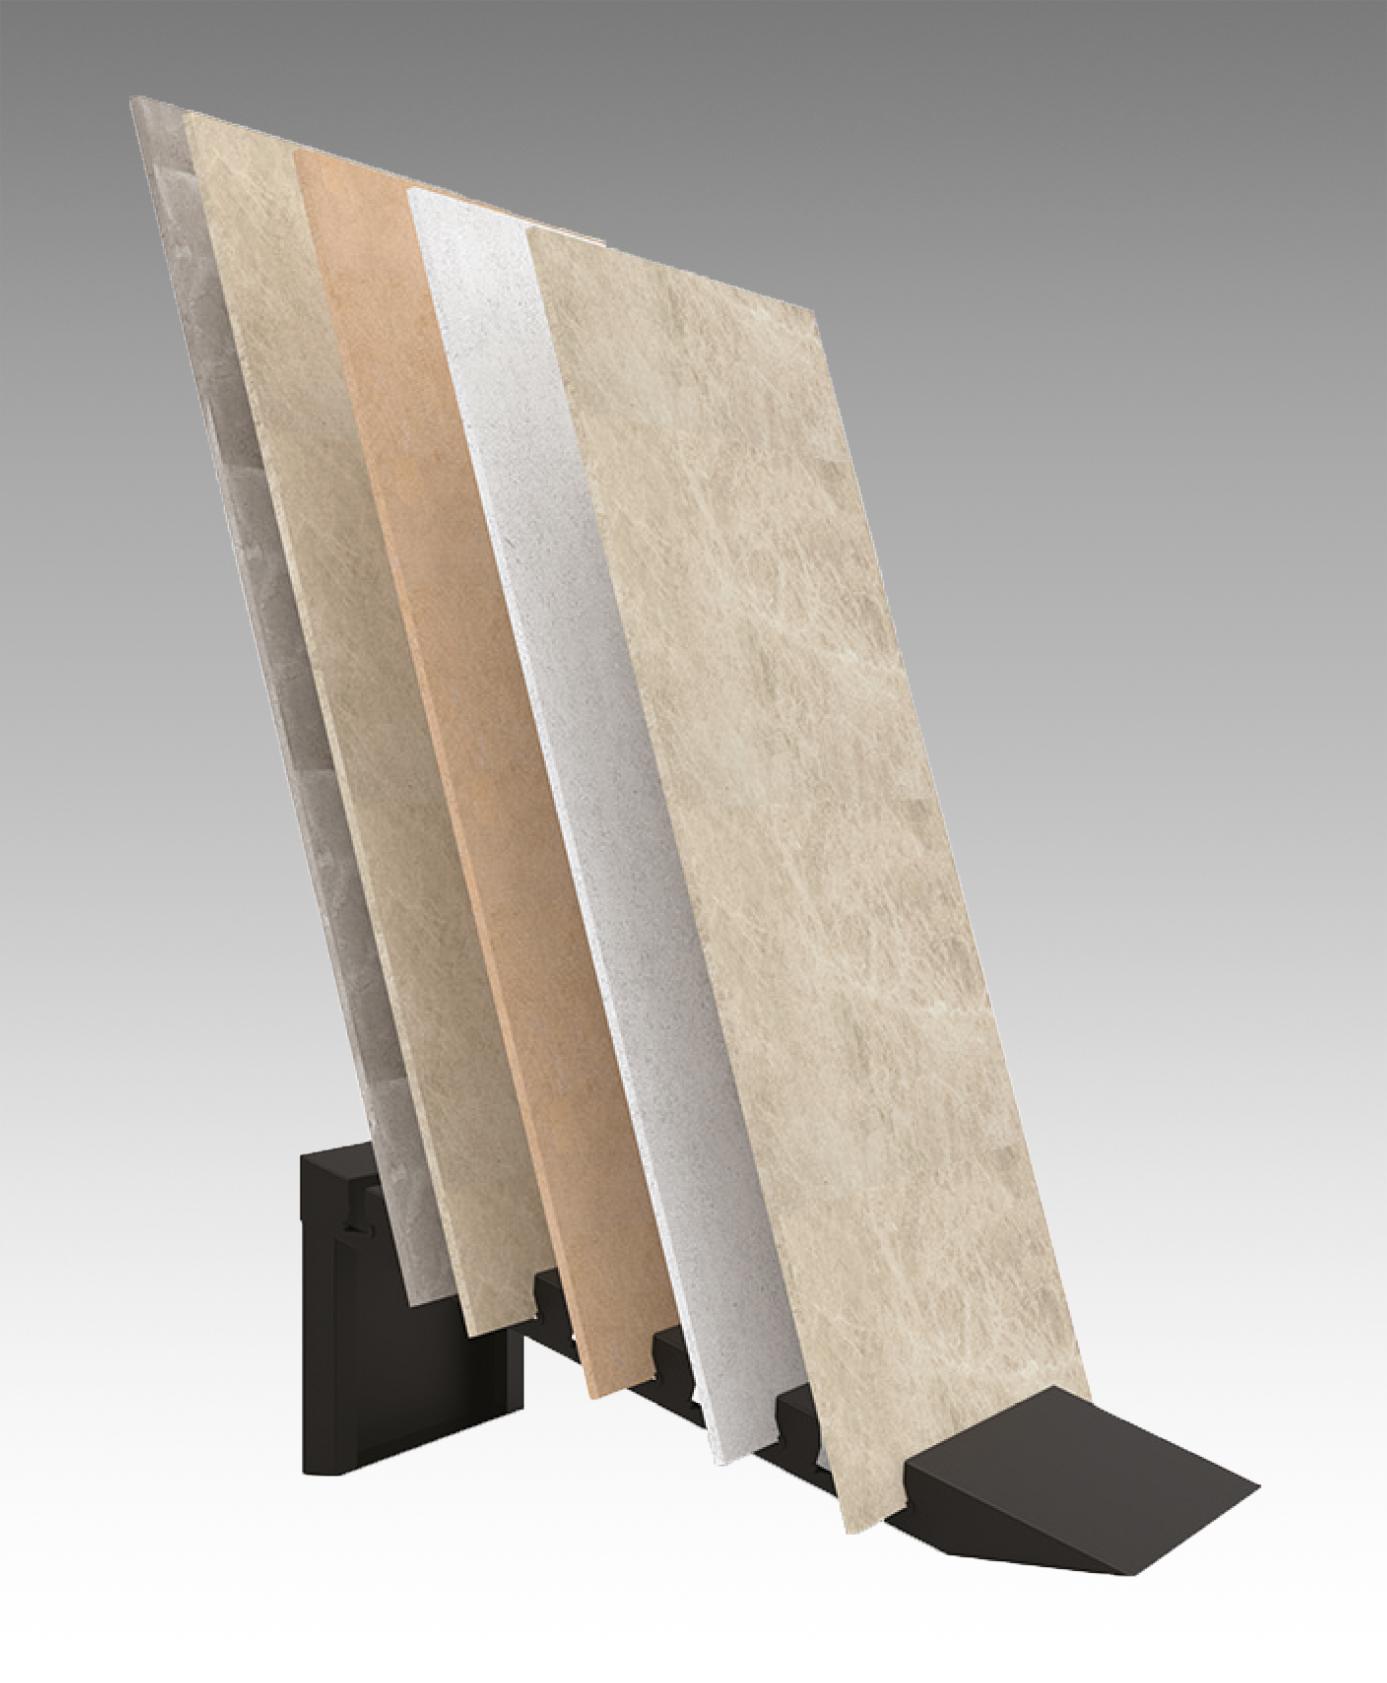 Sistema espositivo in ferro per lastre da esterno